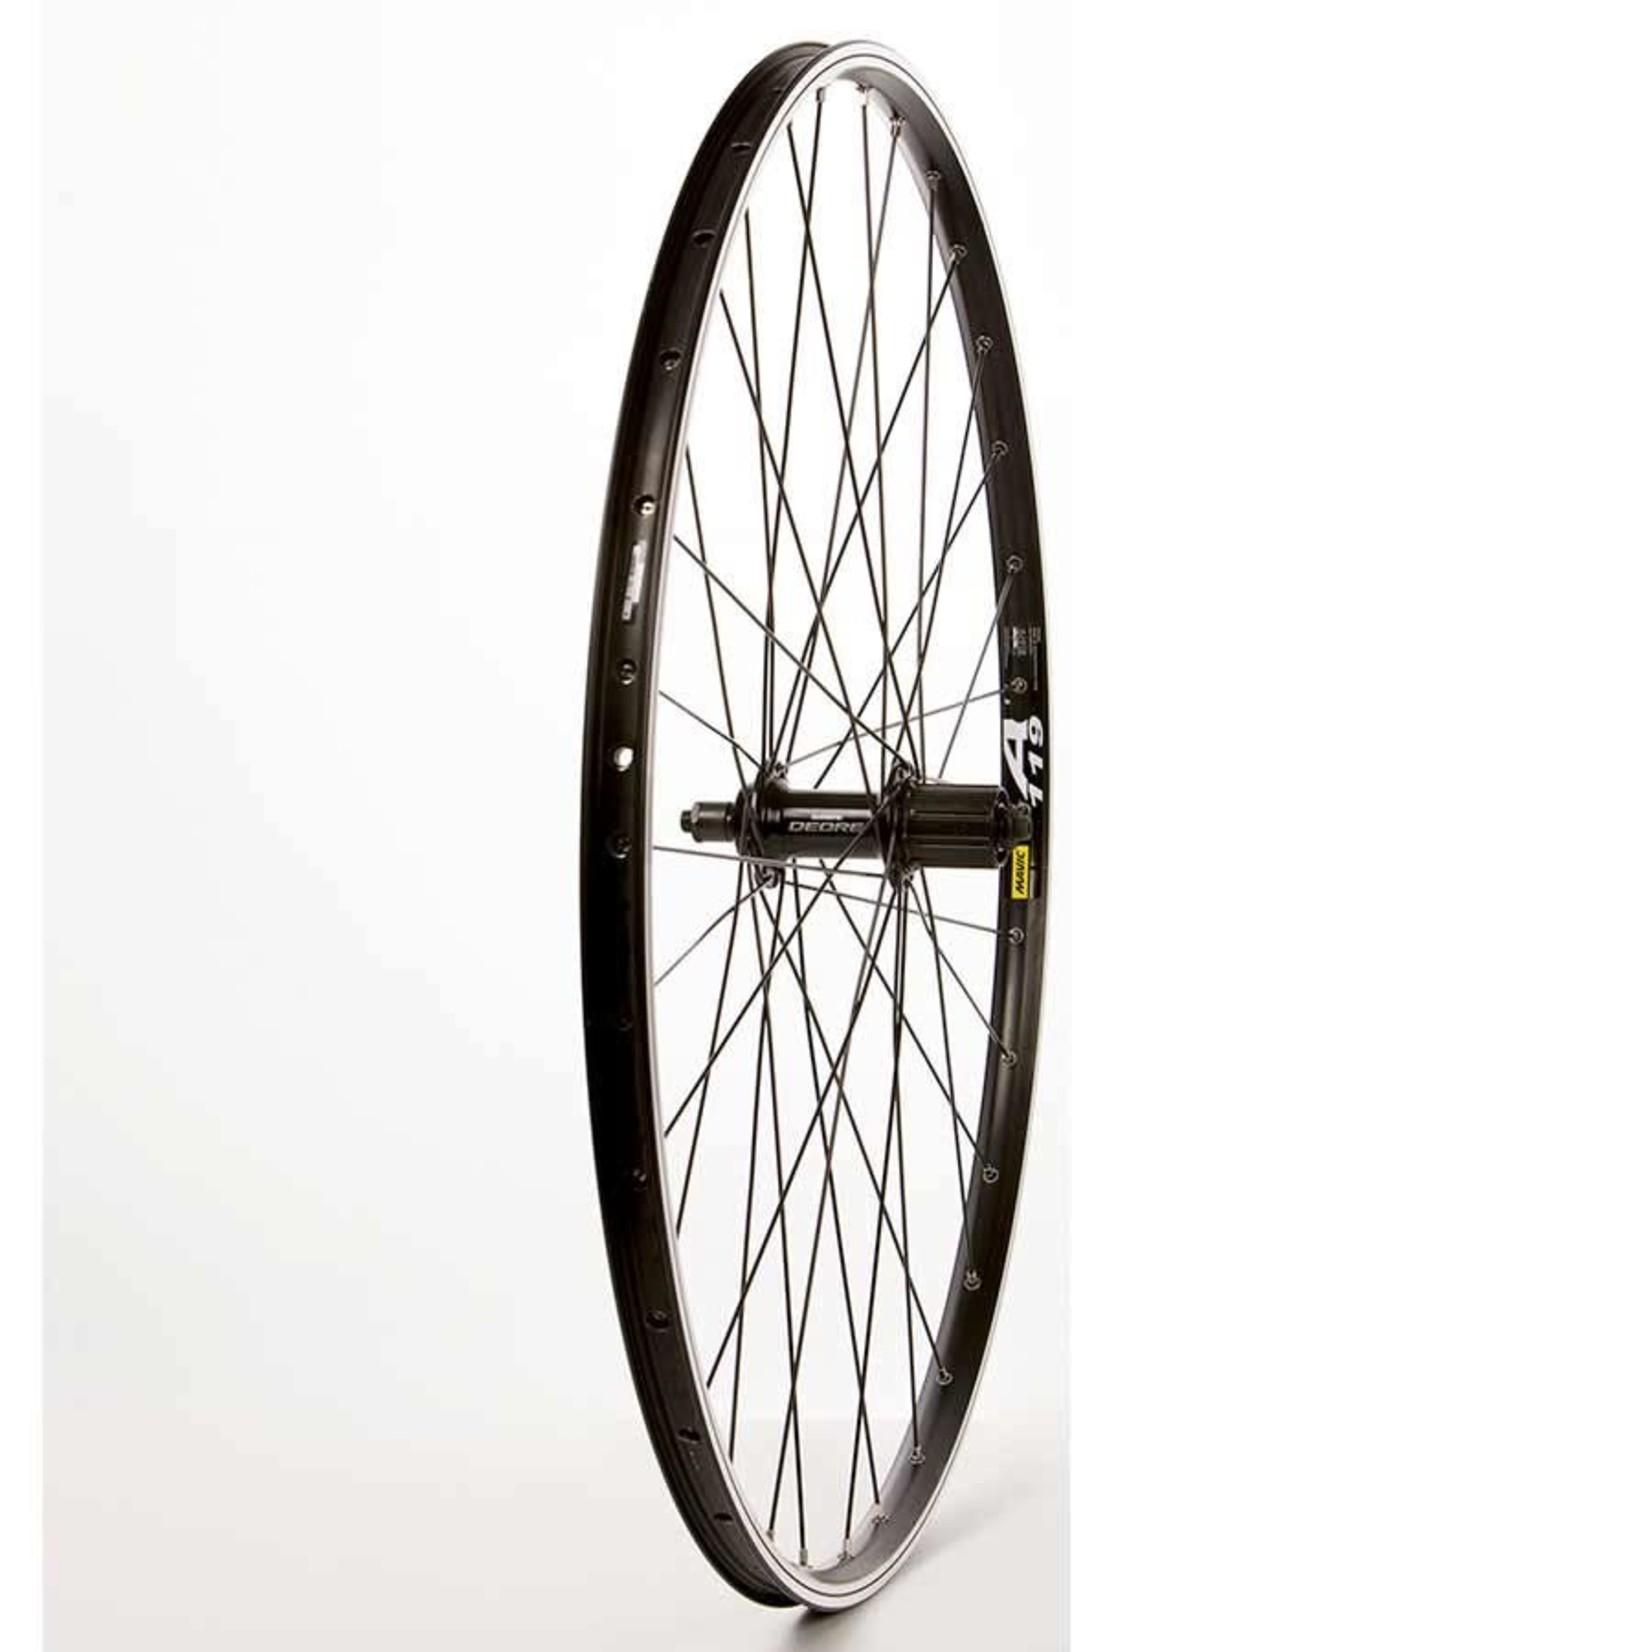 The Wheel Shop Roue 700C Arriere Mavic A119 Noir / FH-M525 Noir, Rayons DT Stainless Noir X 32, Essieu QR, Cassette 9/10 Vit